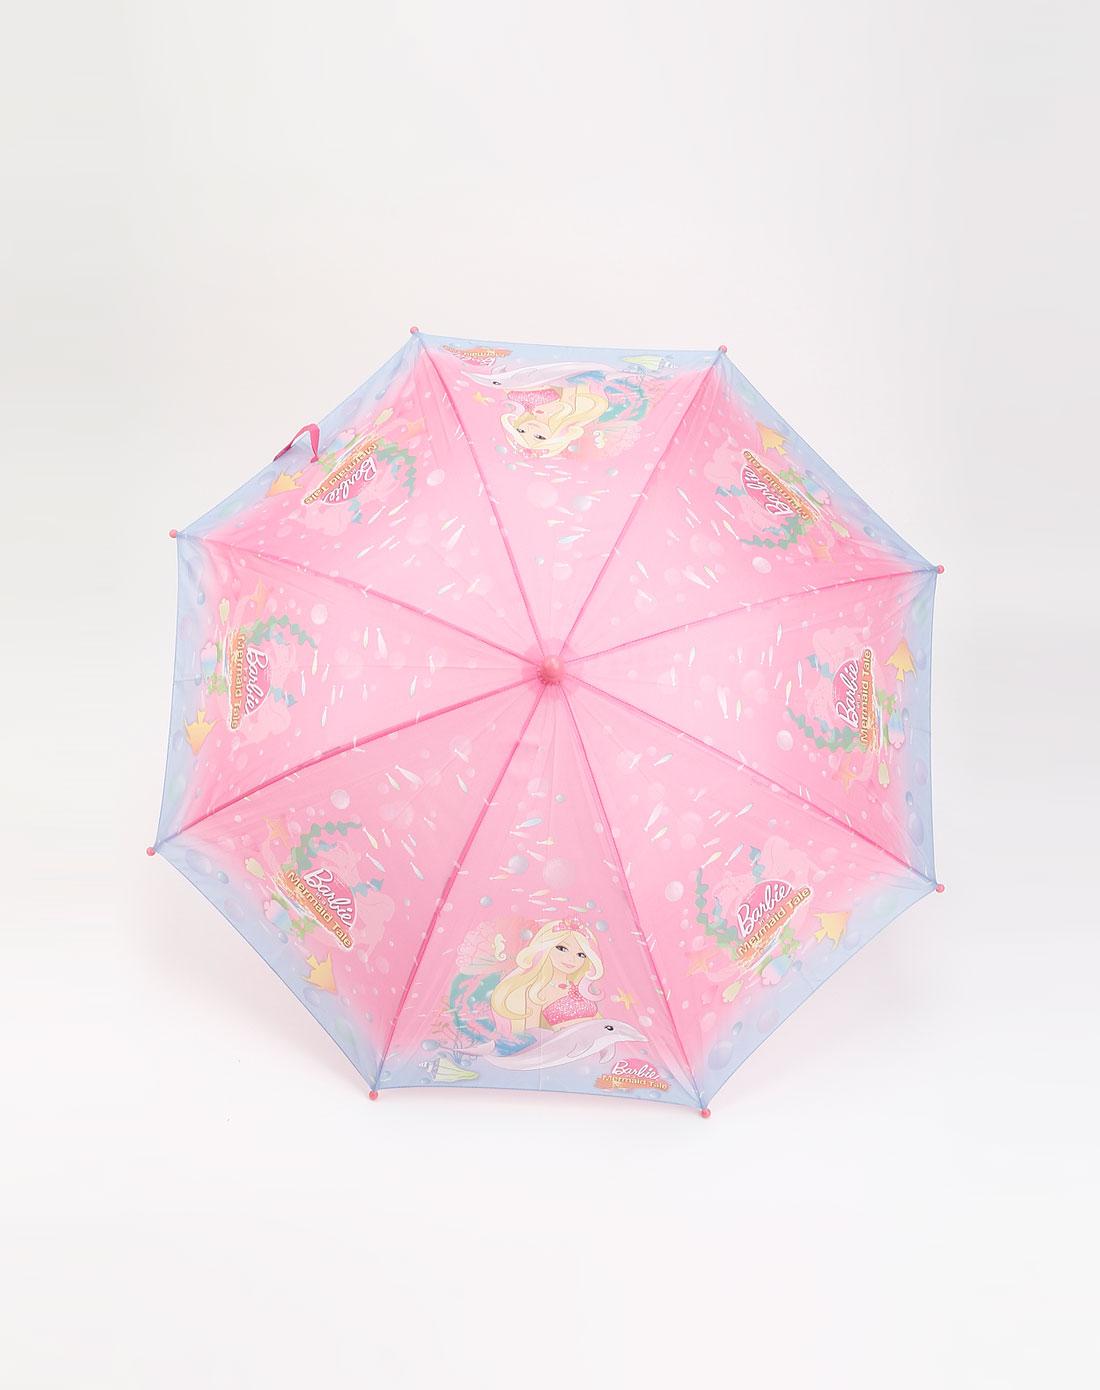 惠粉红_最后约惠-3c文体混合专场-everwin粉红色多彩鱼群芭比直伞